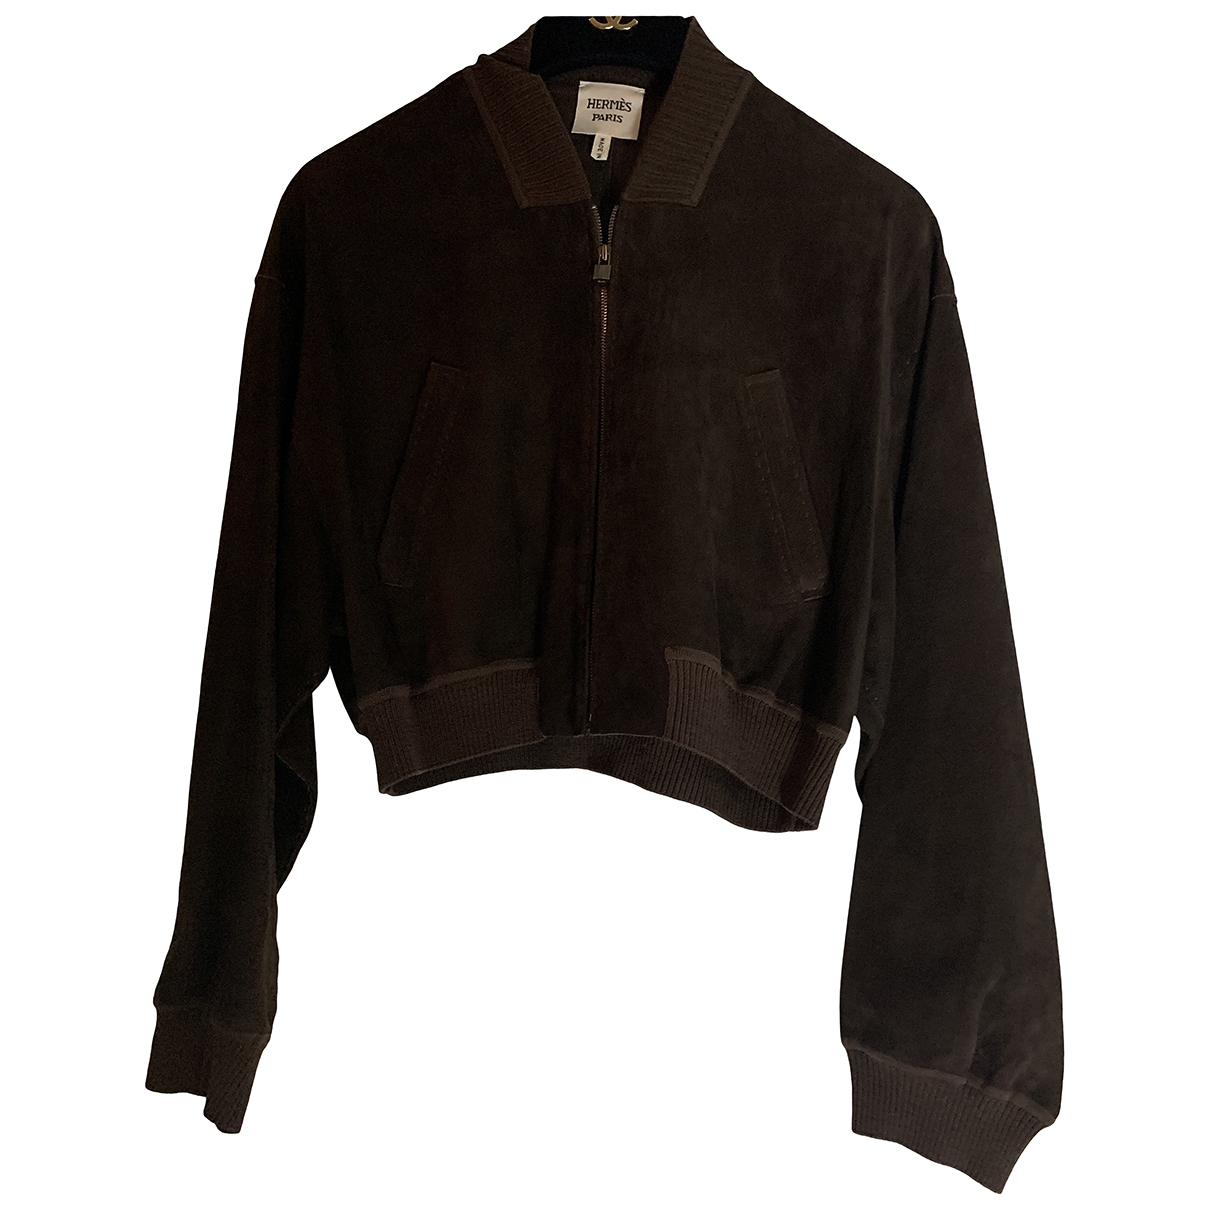 Hermes - Veste   pour femme en cuir - marron